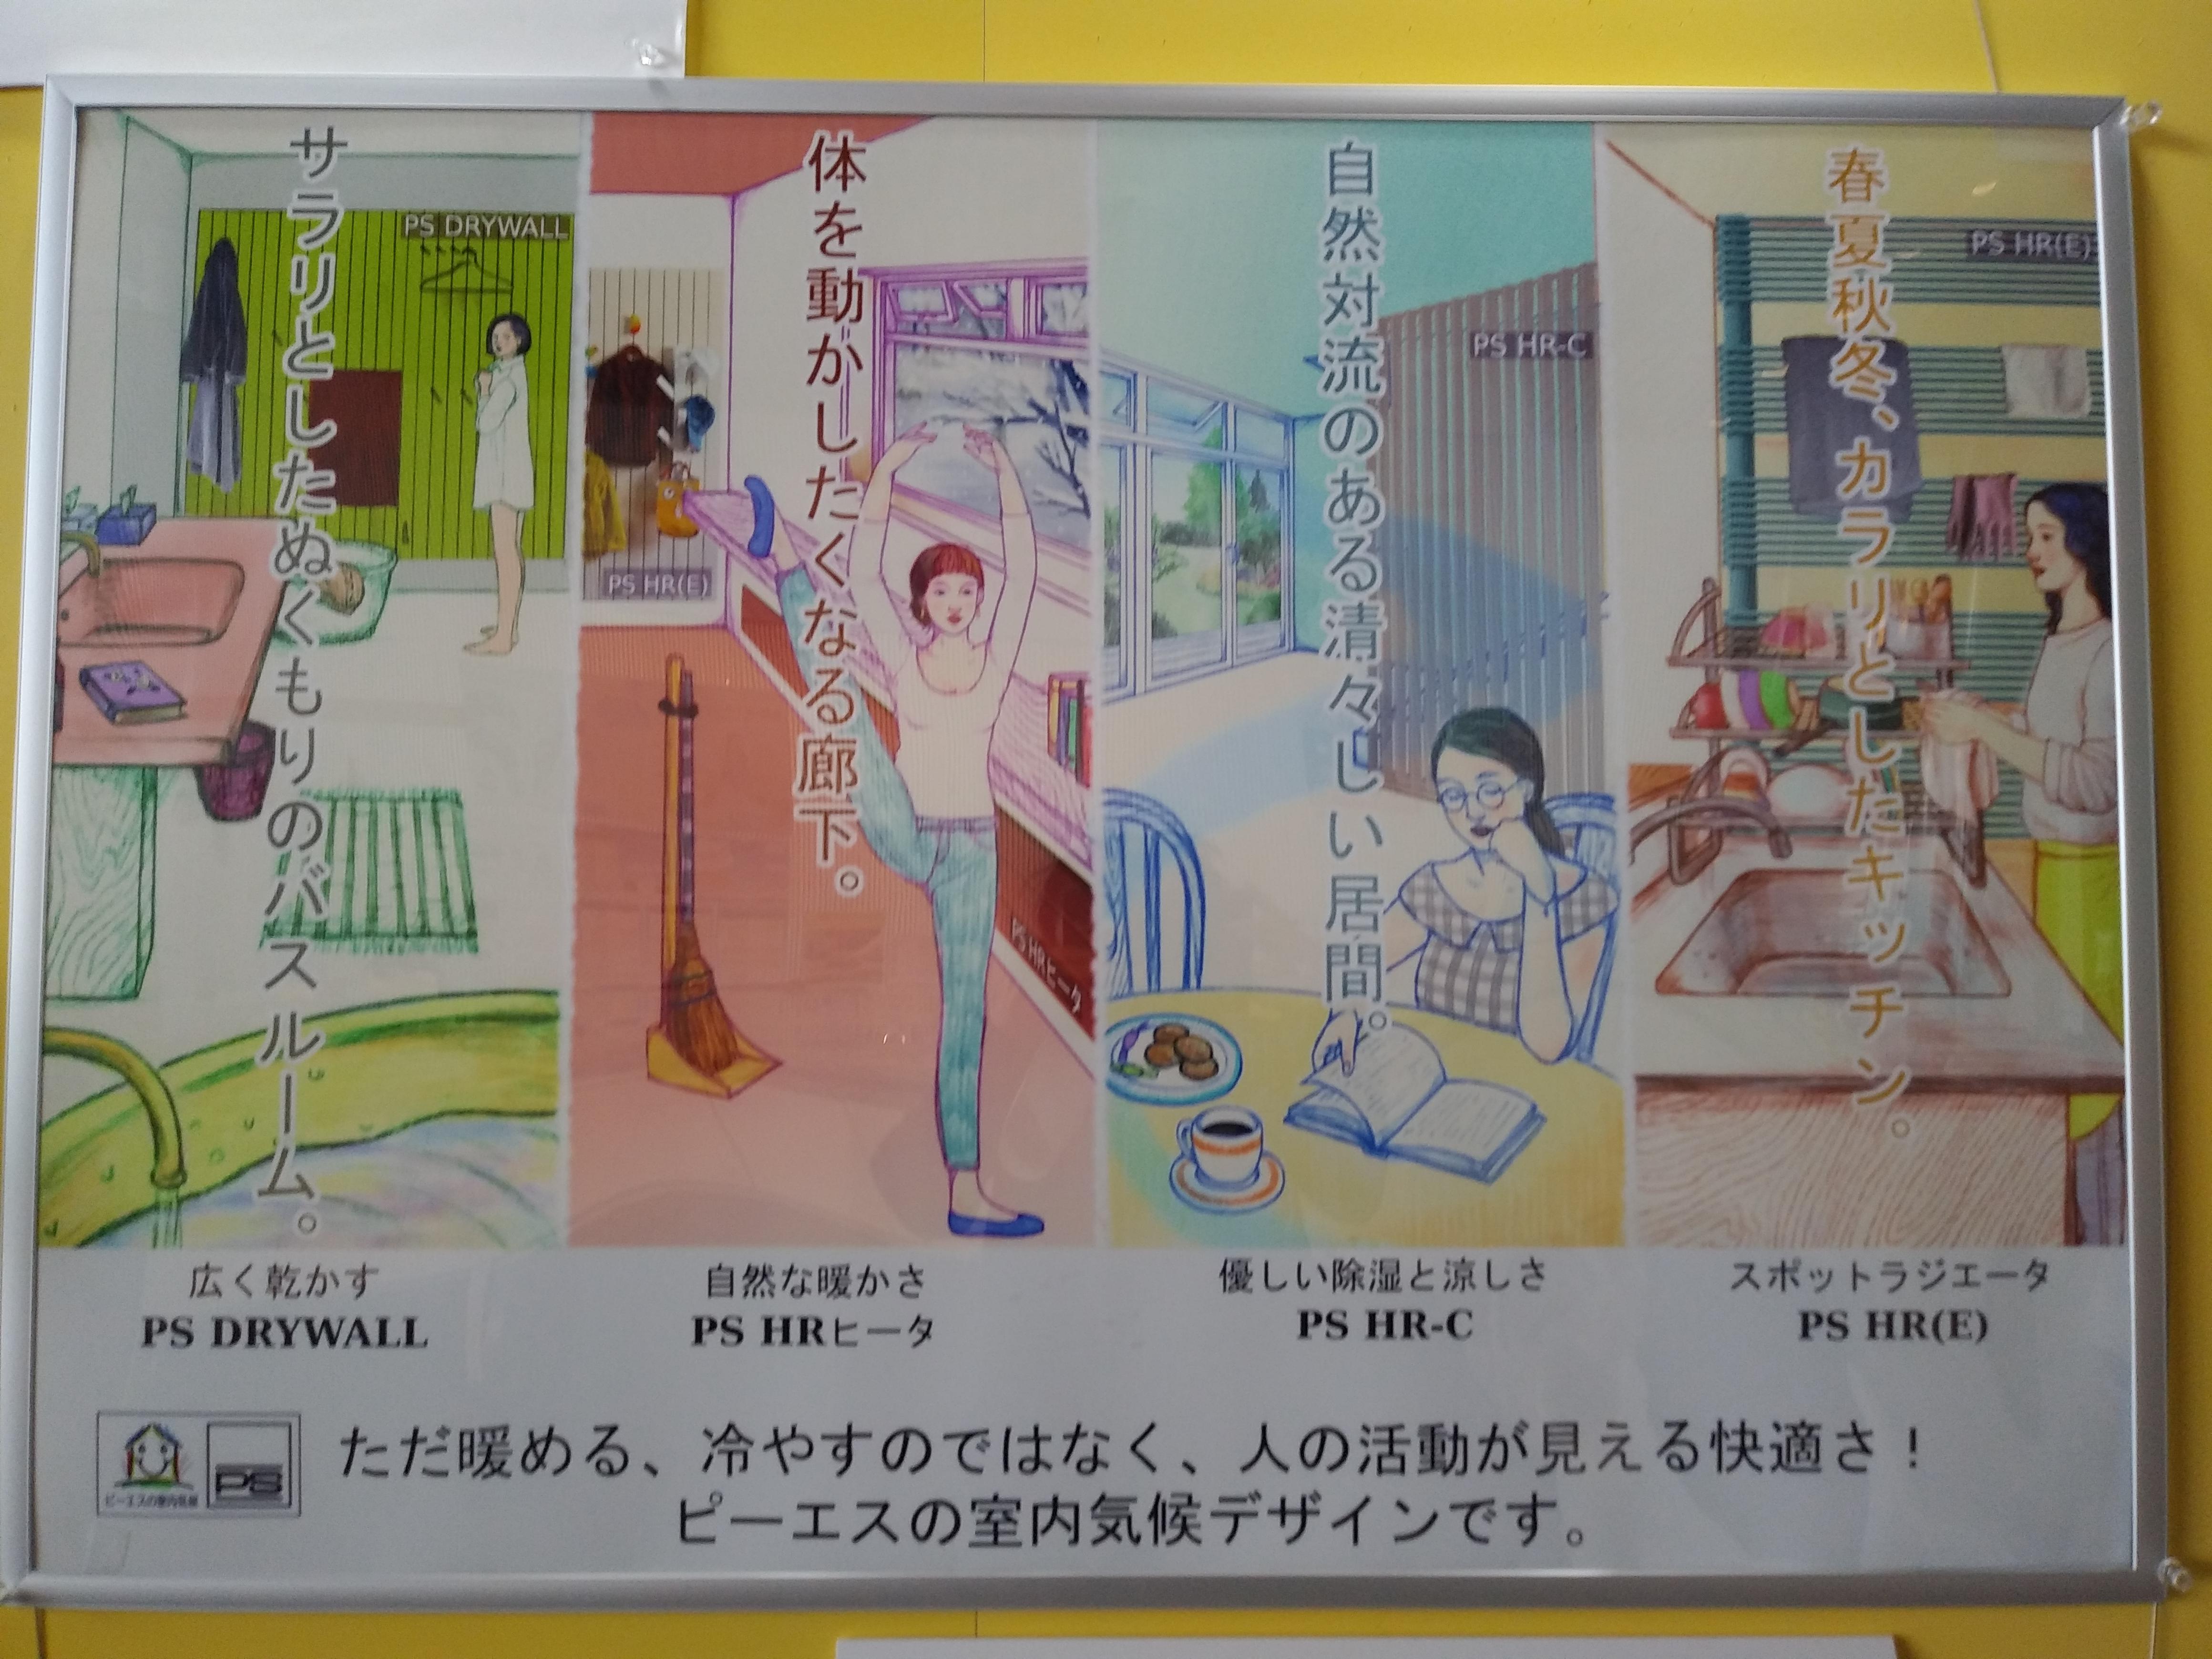 http://blog.iwate-eco.jp/2018/11/26/IMG01040.jpg